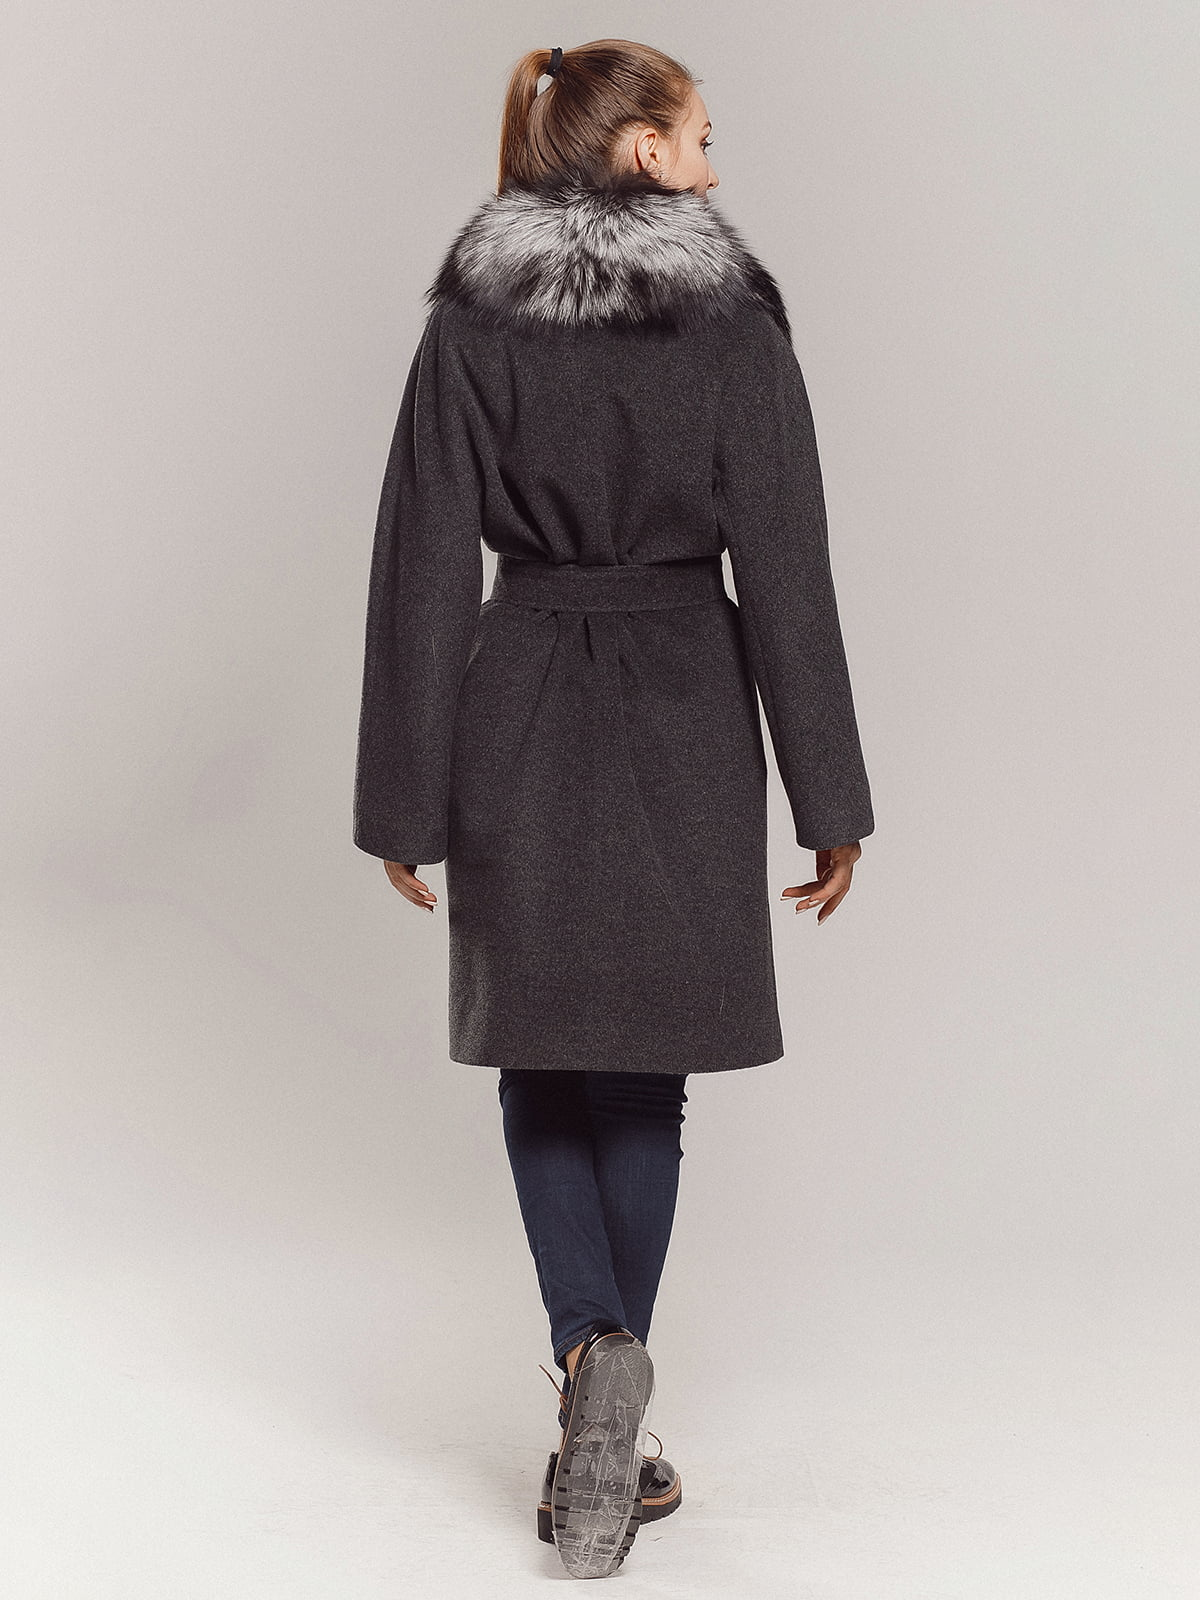 Пальто сіре | 4739366 | фото 8